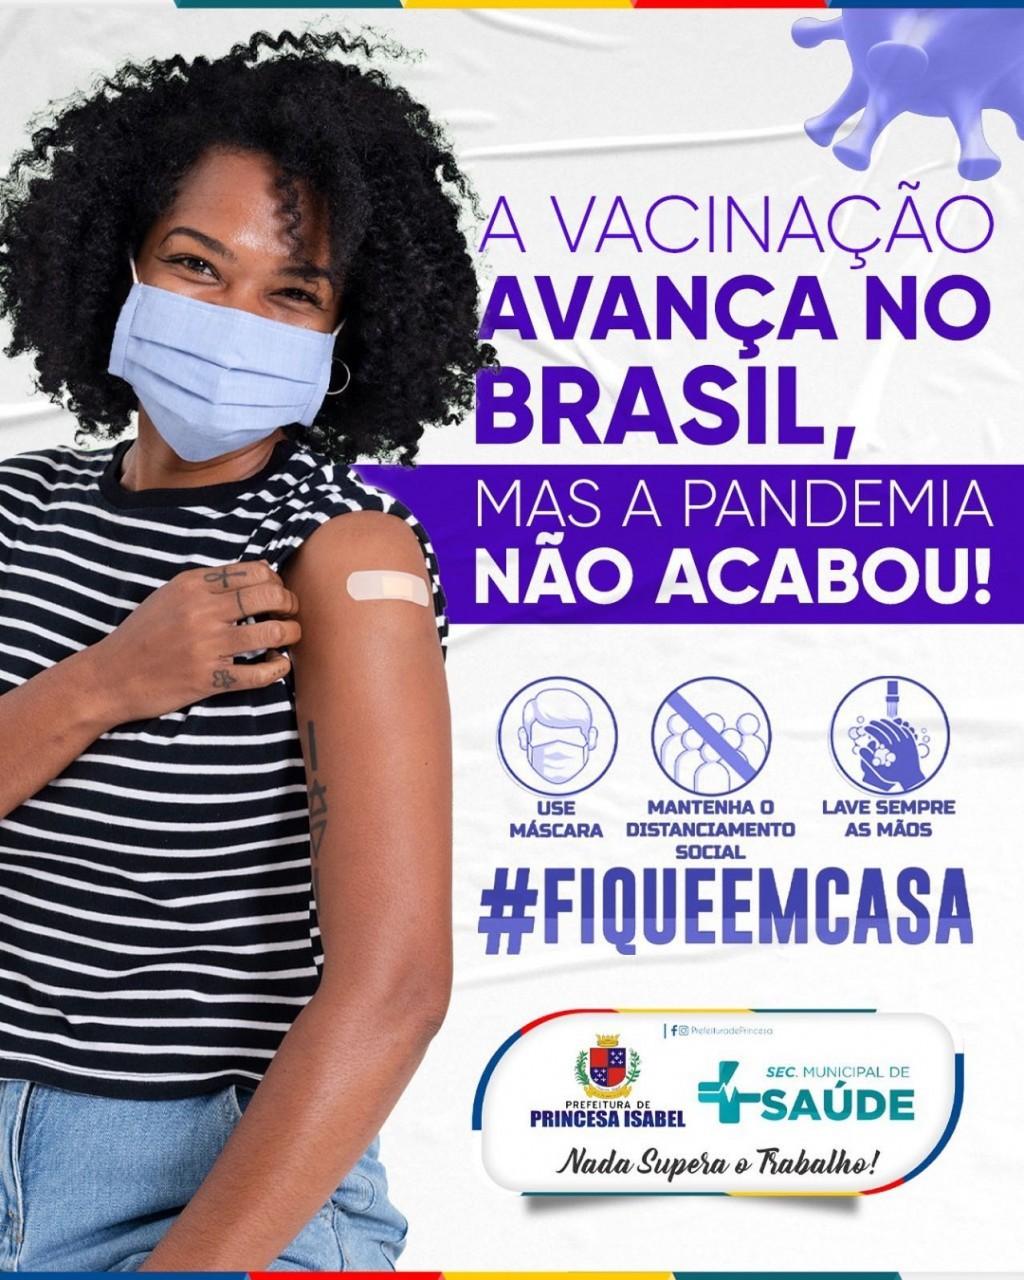 A VACINAÇÃO AVANÇA NO BRASIL, MAS A PANDEMIA NÃO ACABOU!